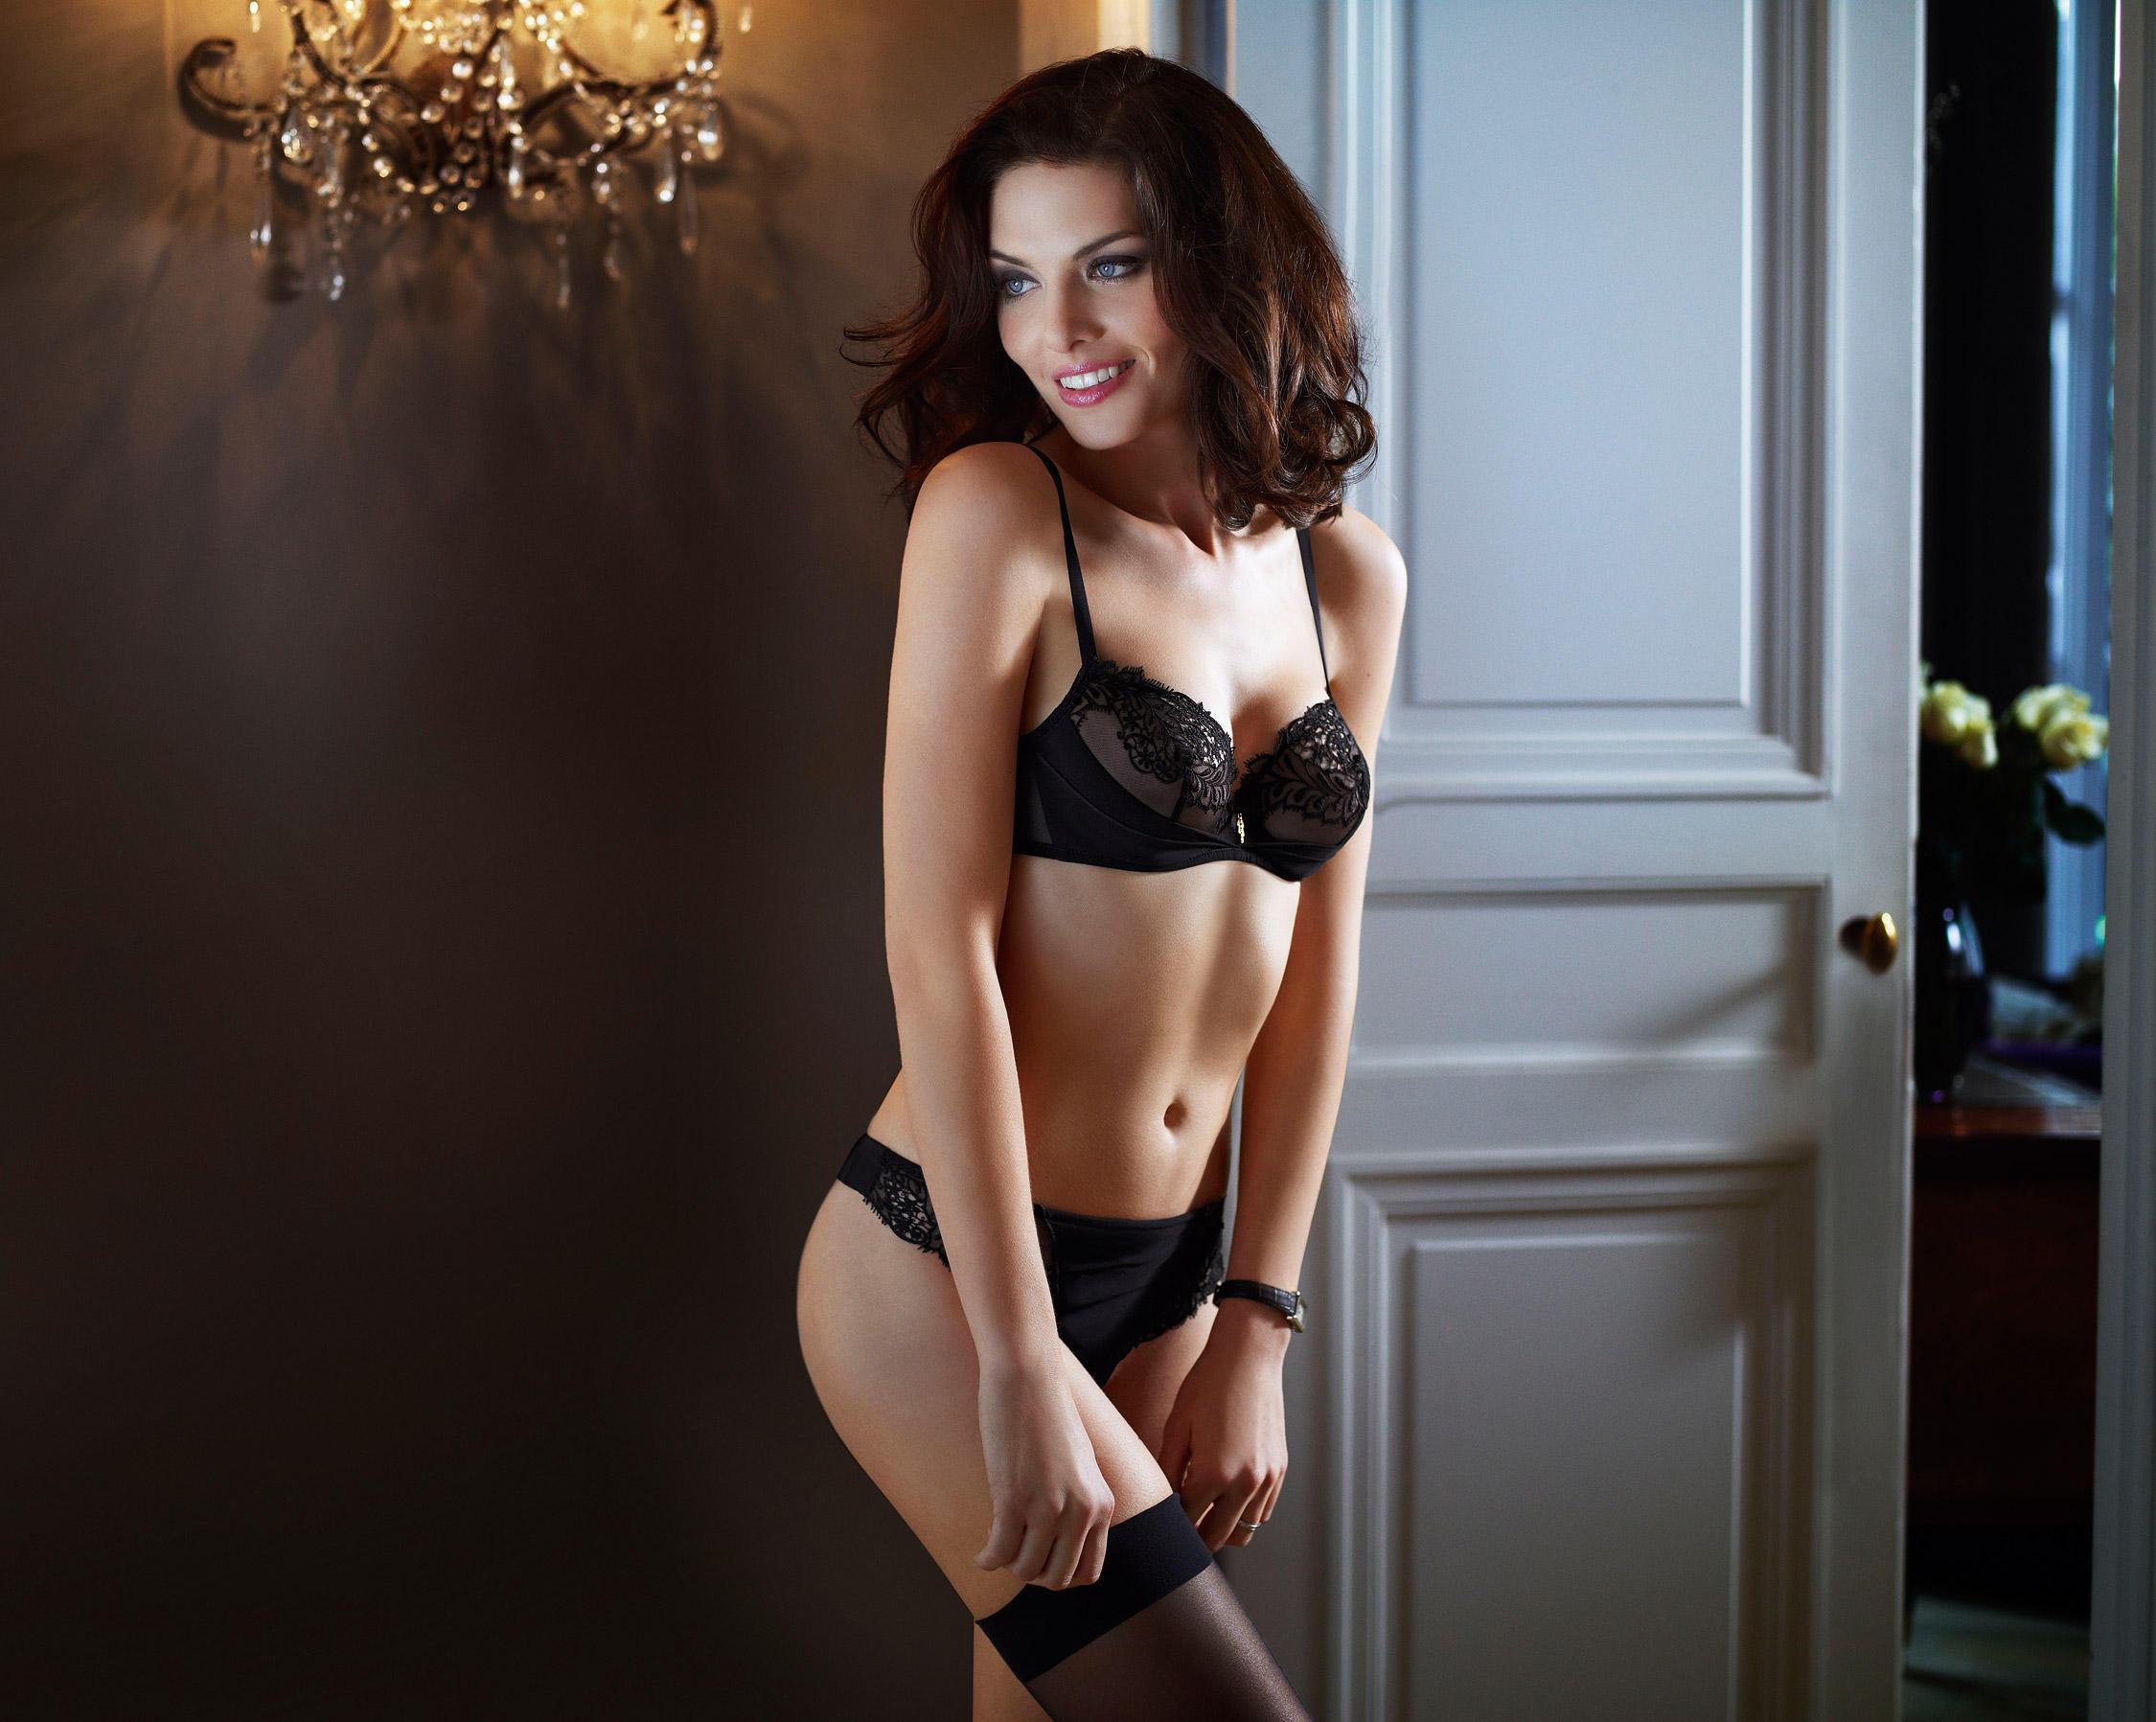 Марина девушка в нижнем белье, фото порно женщин полненьких